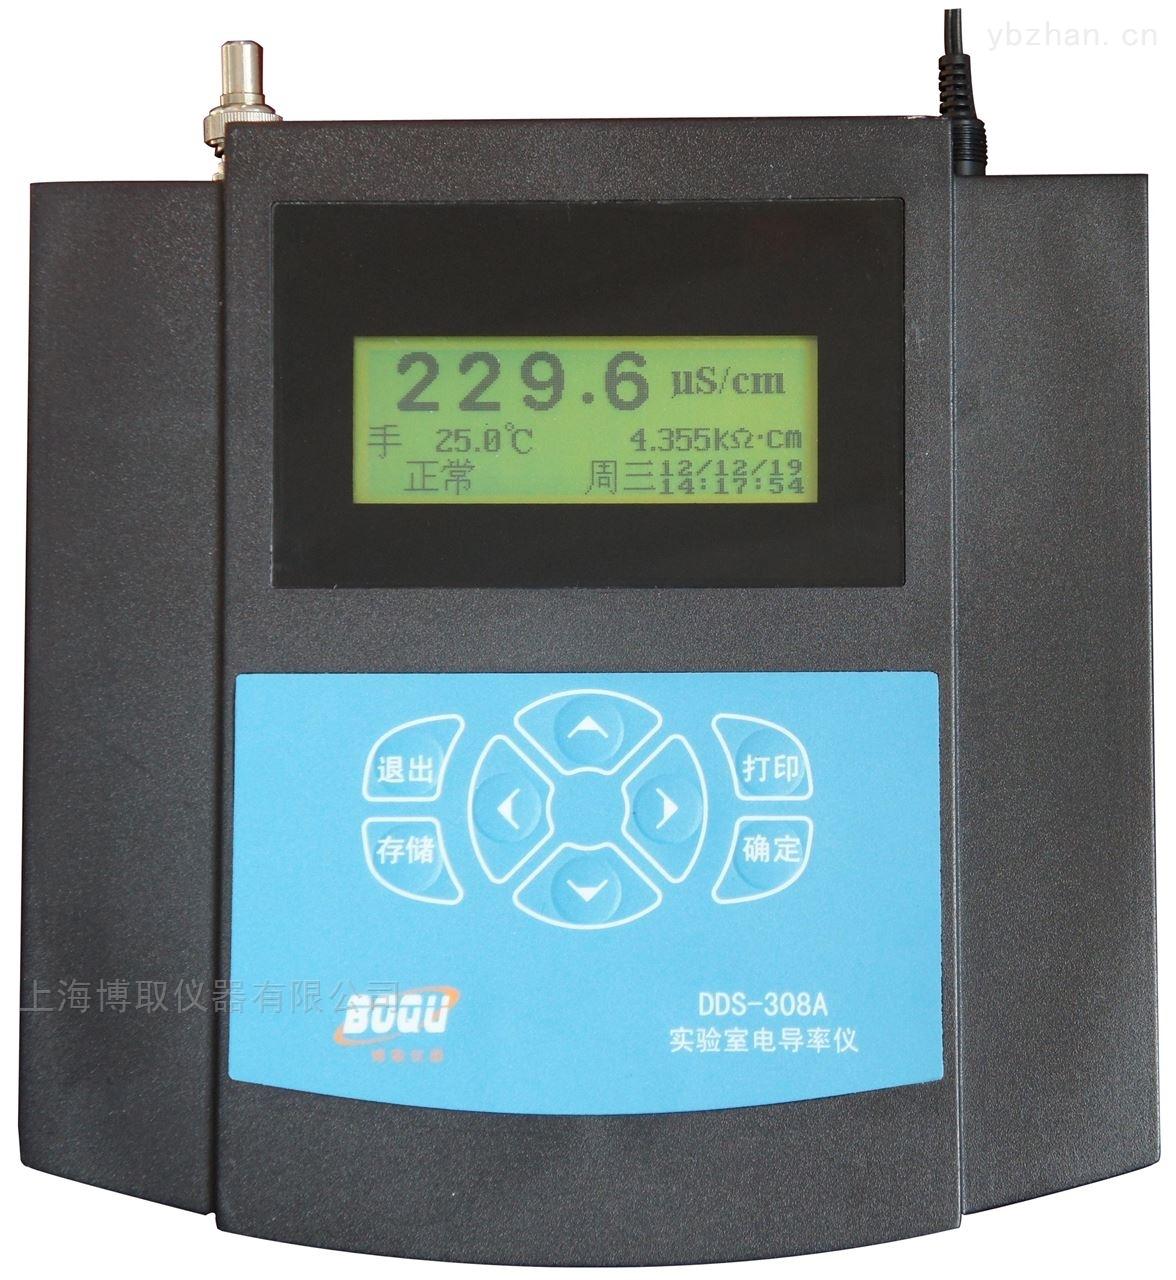 DDS-308A-超純水實驗室電導率儀